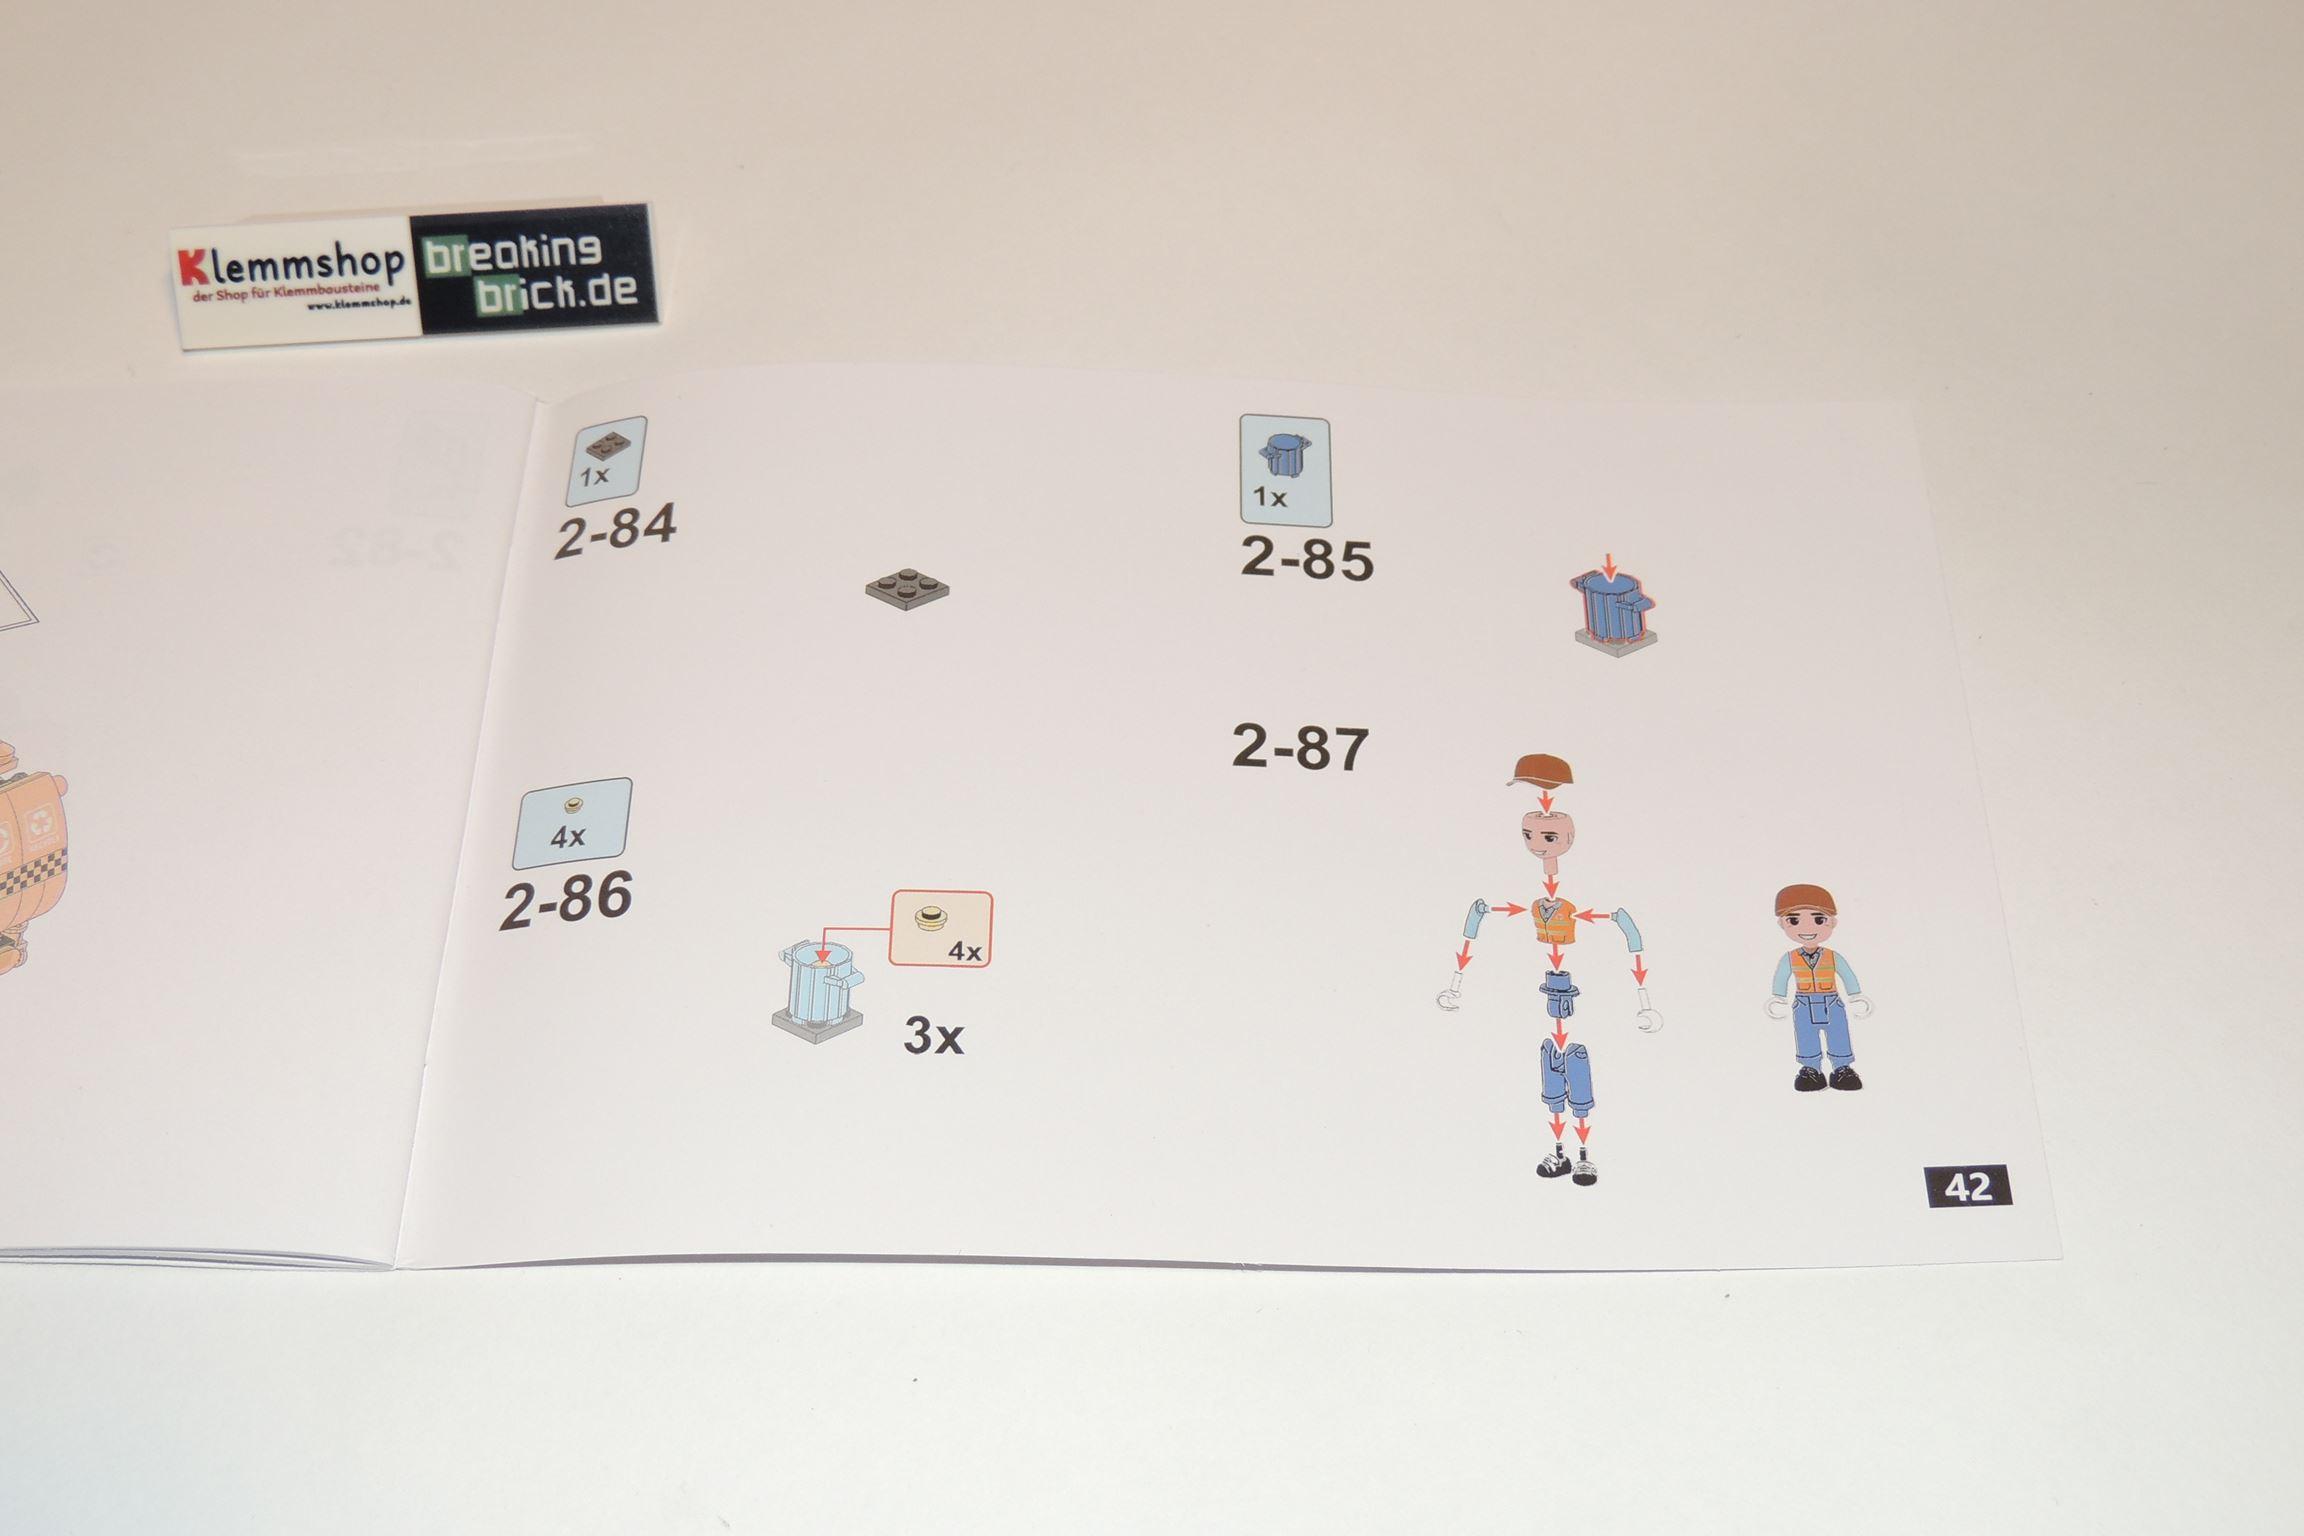 Nach 42 Seiten ist der Spaß vorbei. Minifigur wird am Ende erklärt.